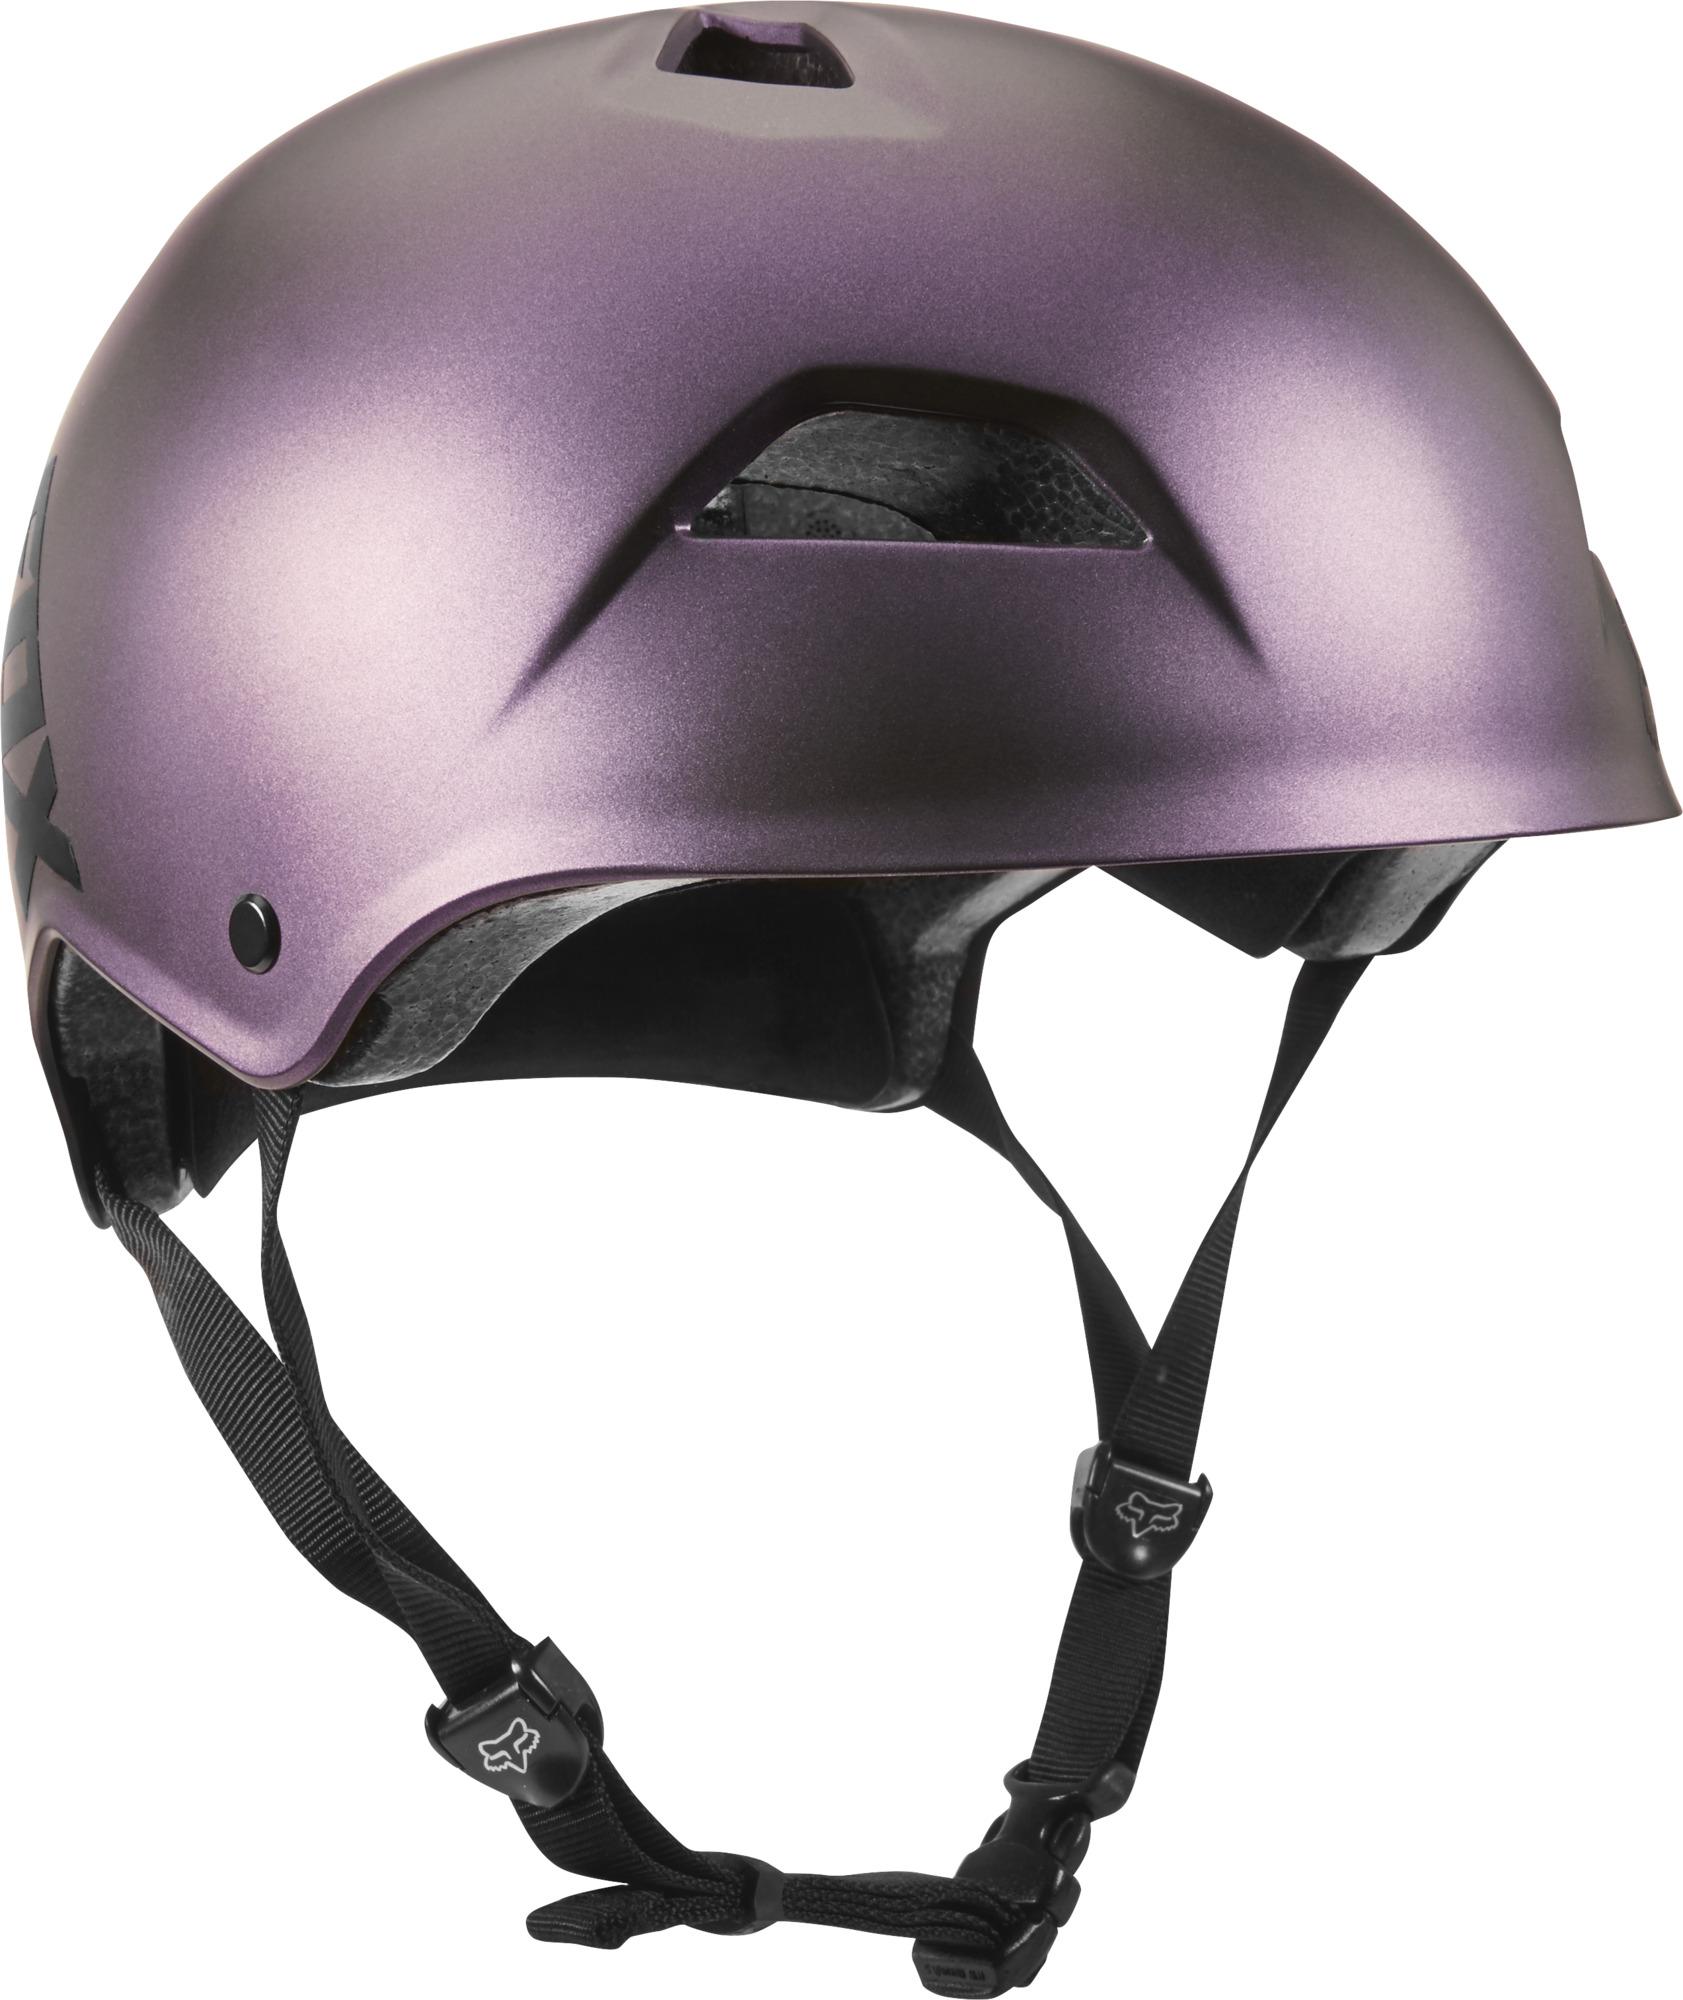 Fox-Head-Flight-Sport-Trail-Bike-Dirt-Jump-Adult-Protective-Helmet thumbnail 6